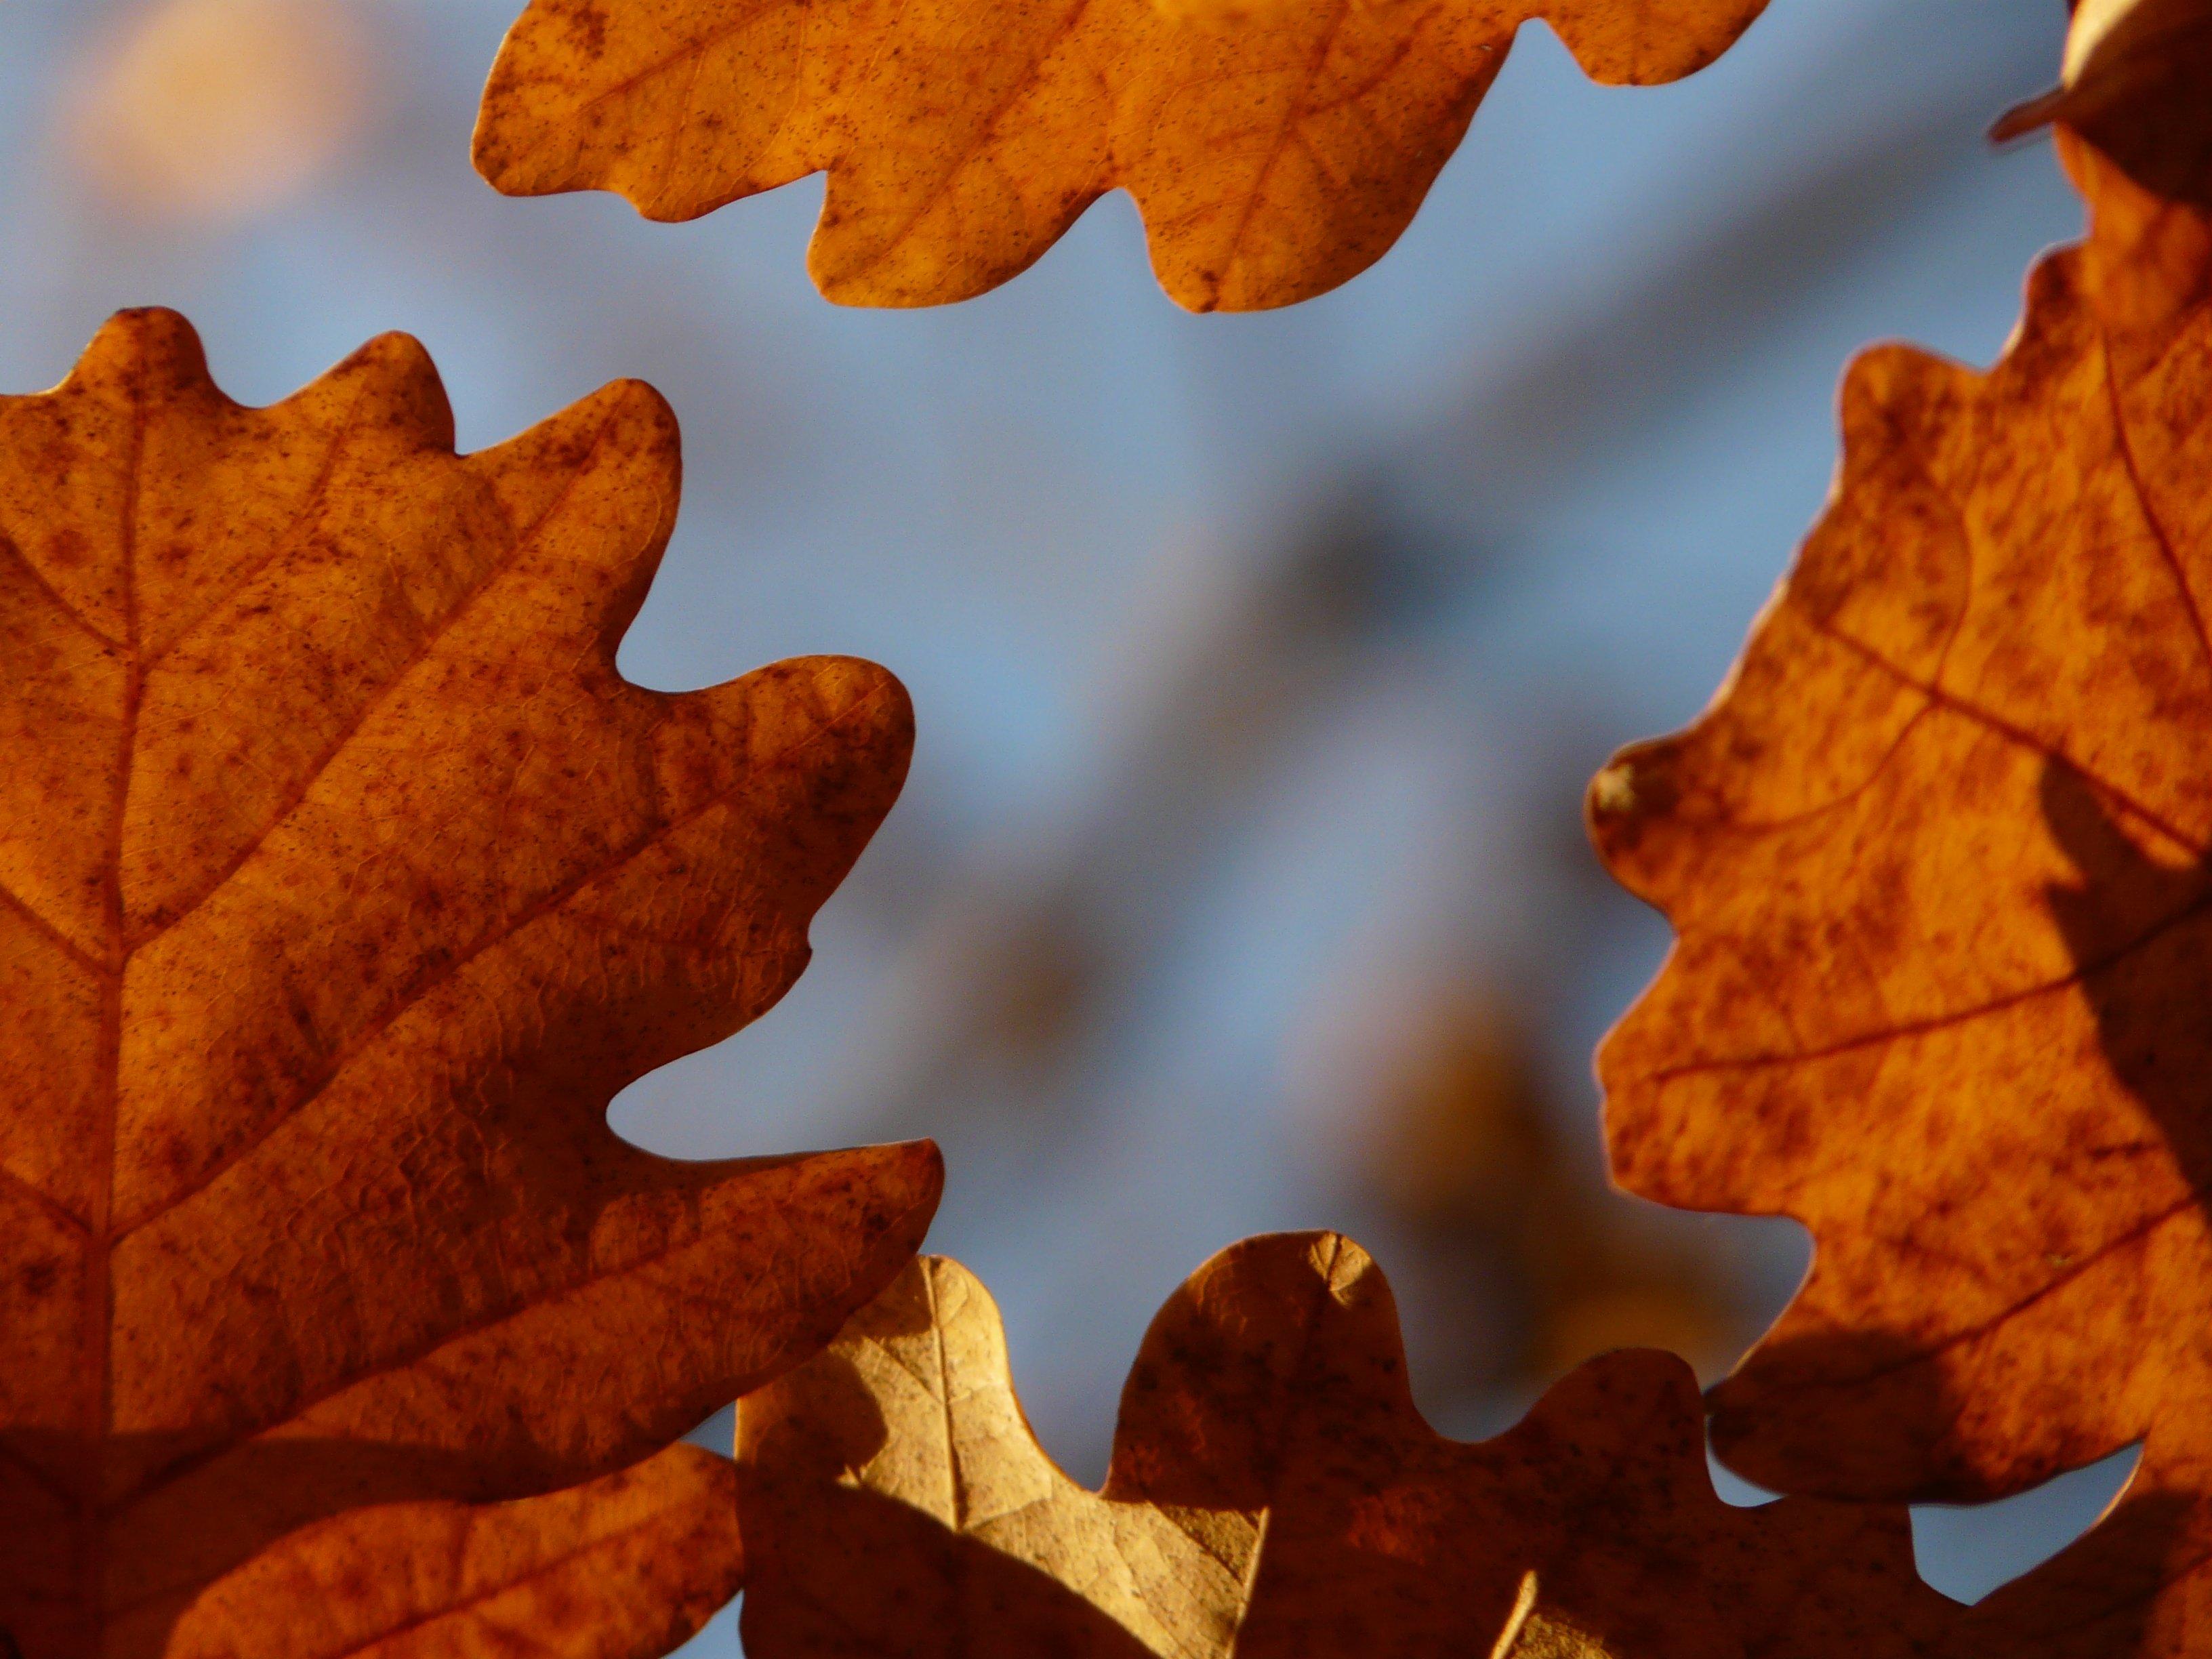 картинка кленового и дубового листа